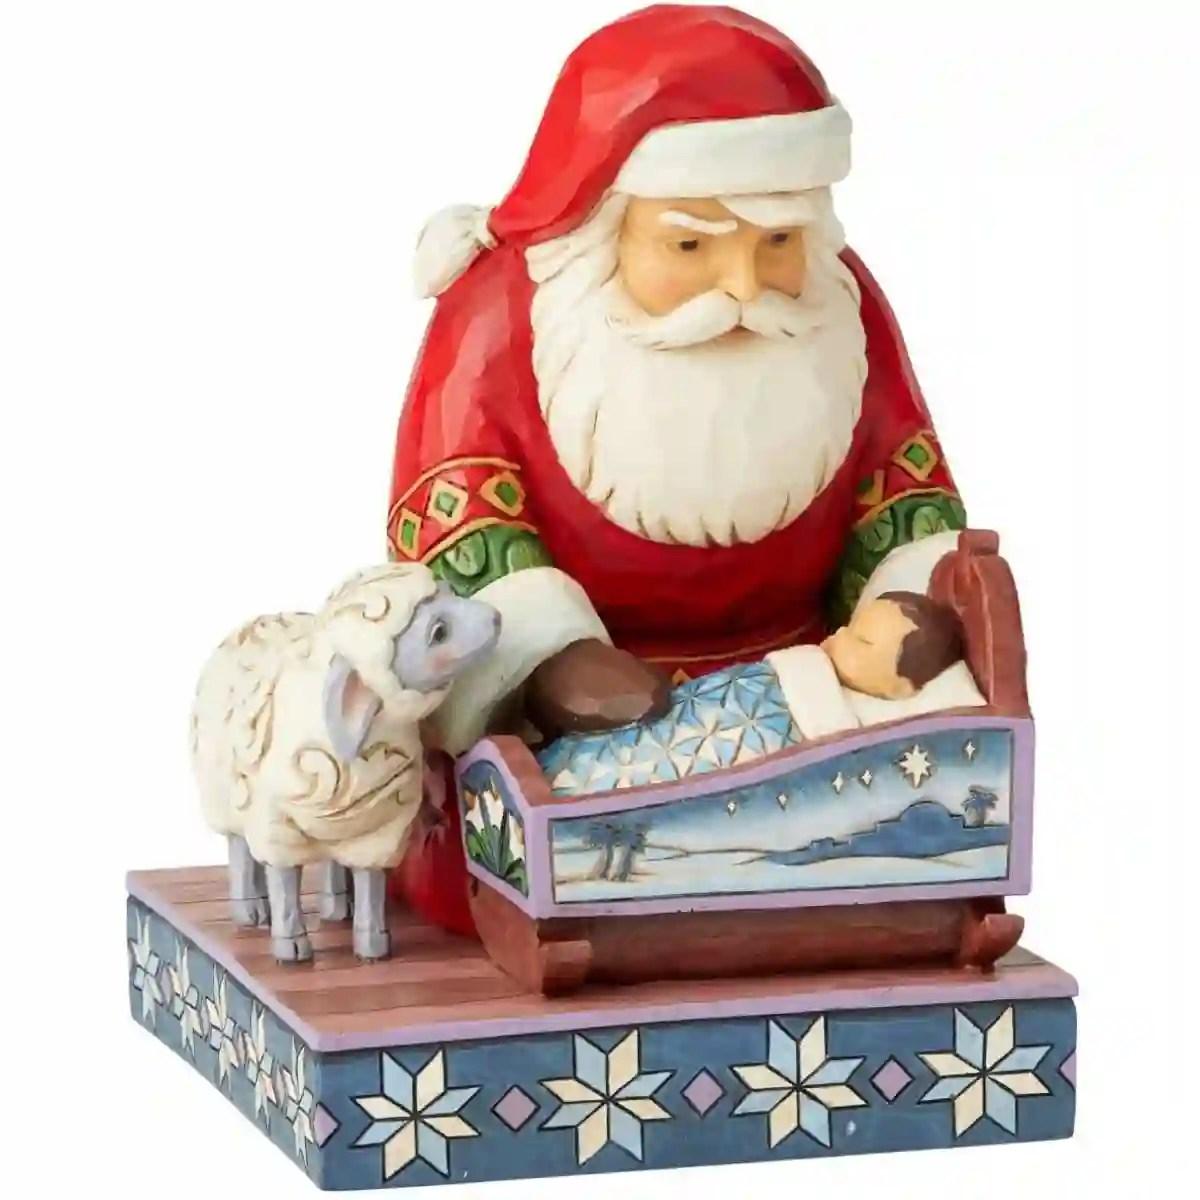 Nascita natale gesù bambino cristo felicit à chiesa. Babbo Natale Con Gesu Bambino Da 18 5 Cm Statuina Decorativa